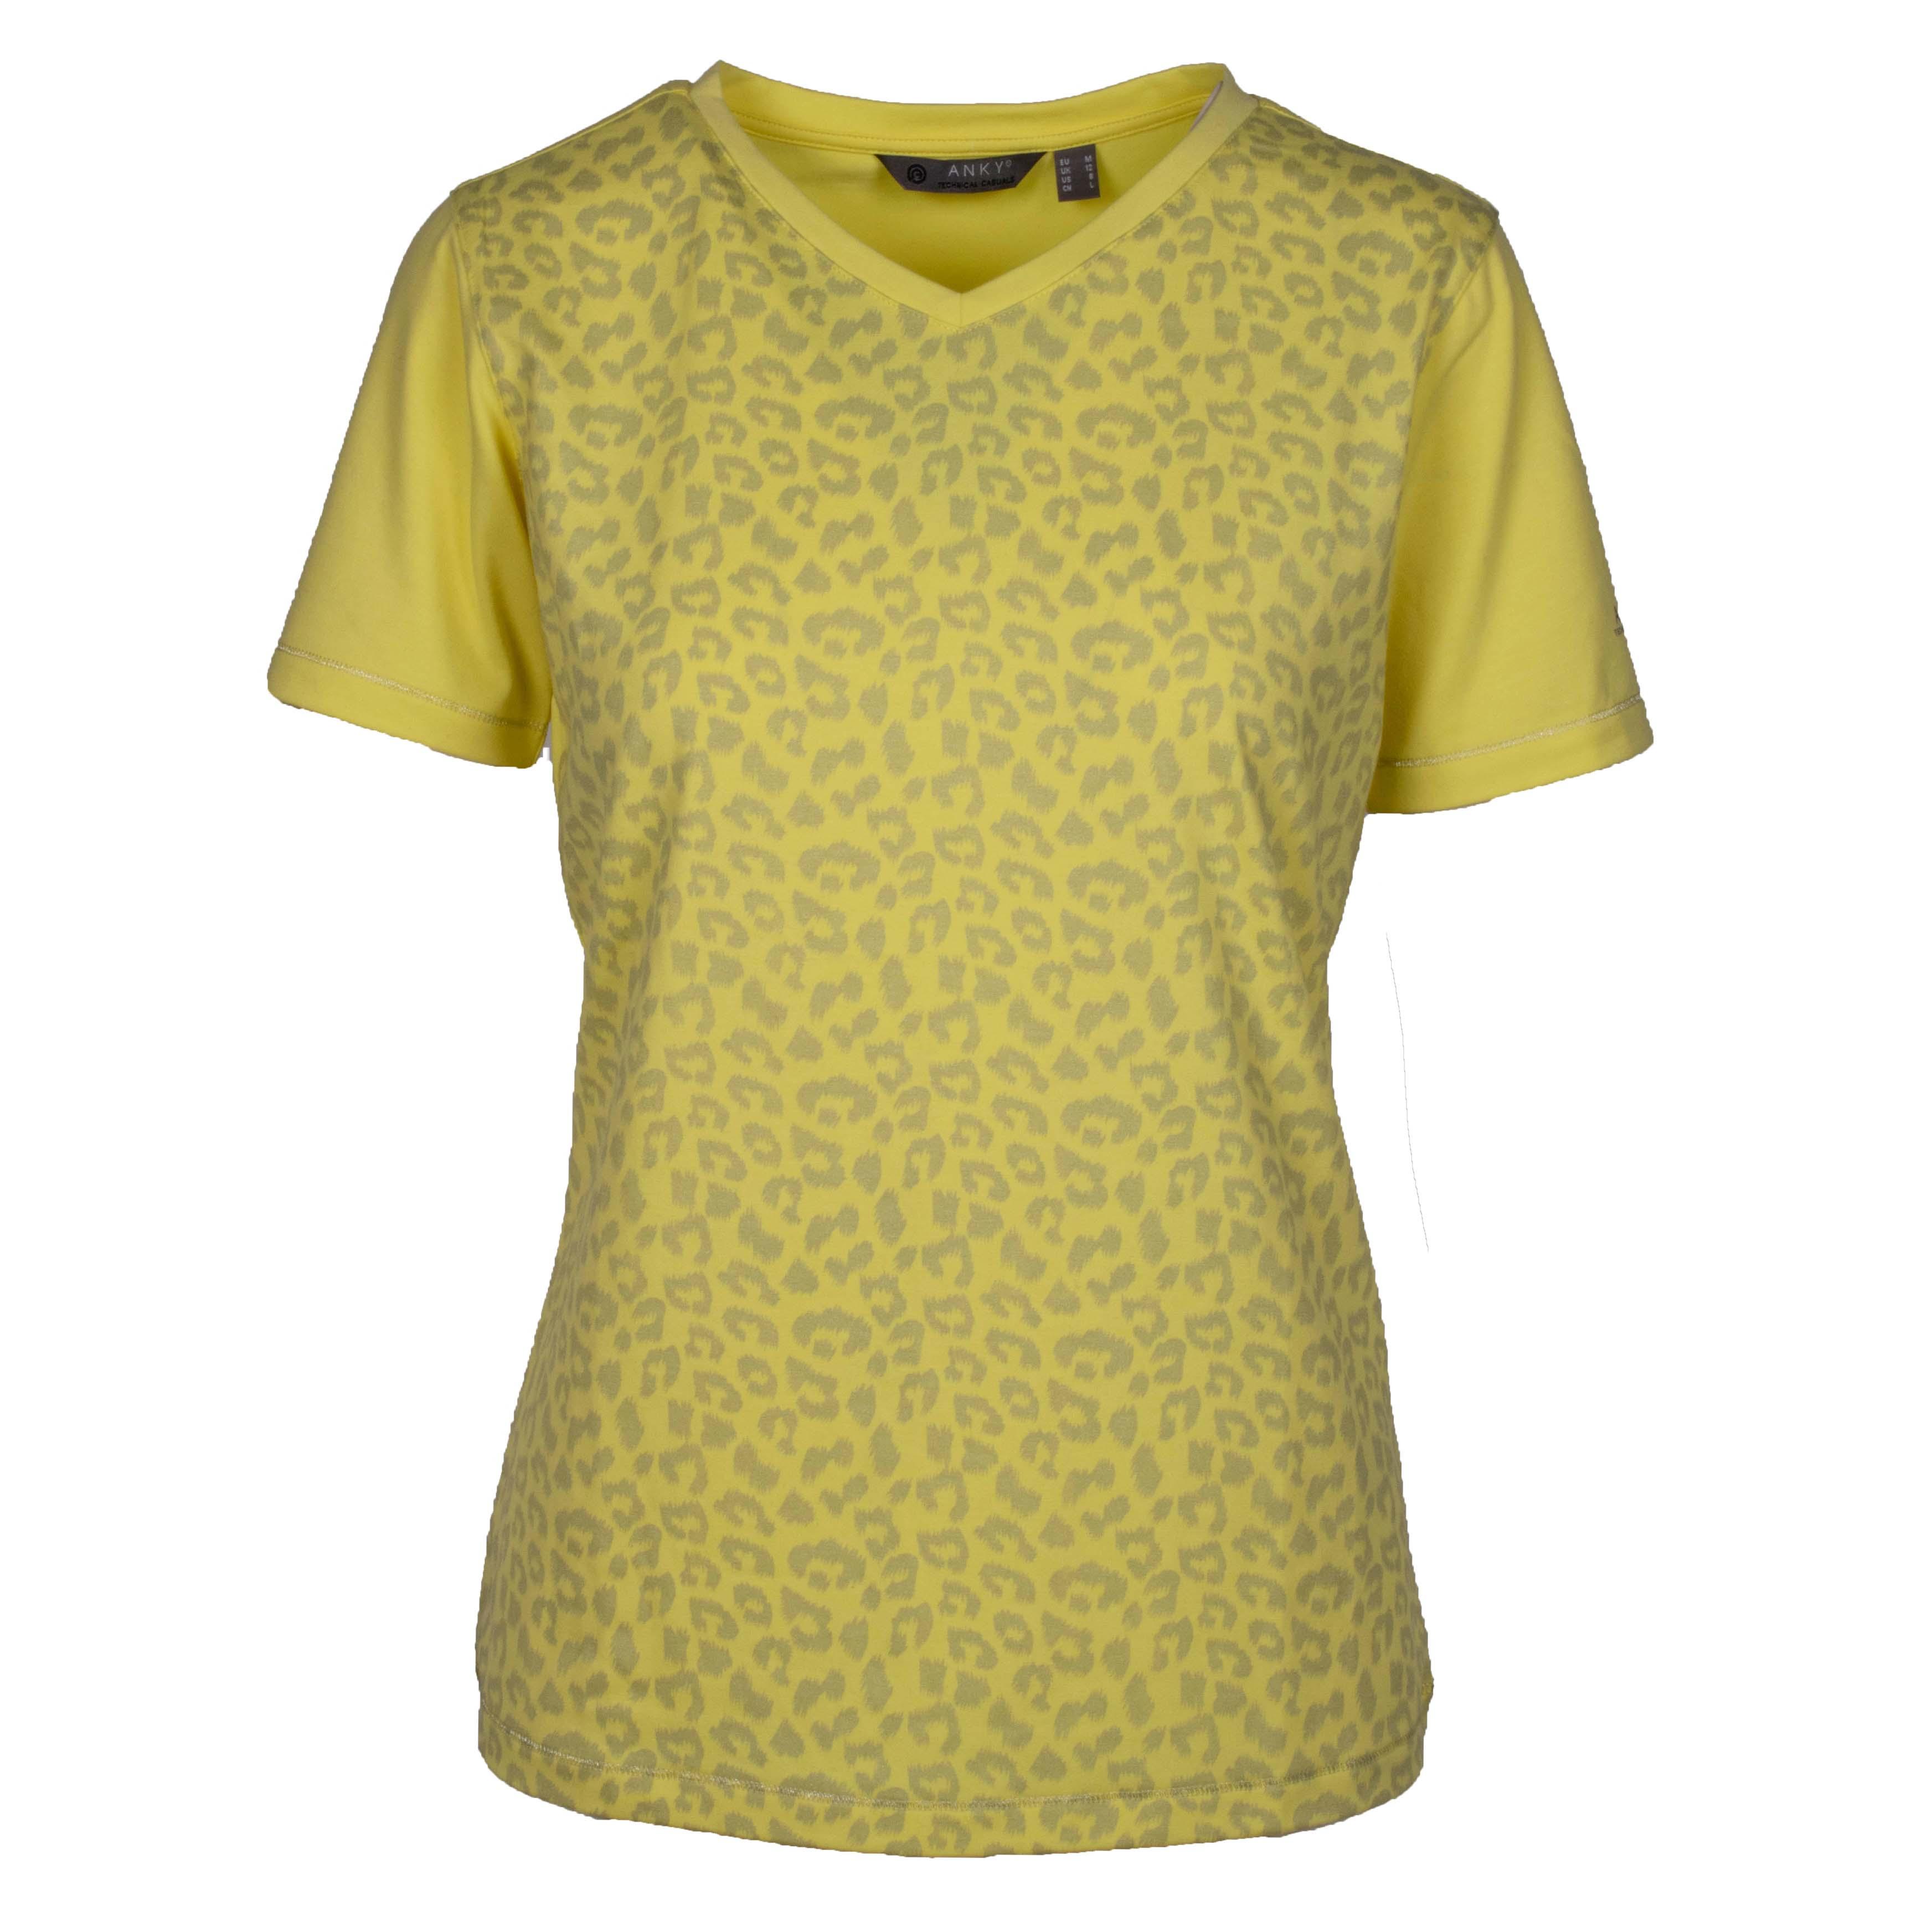 ANKY T-Shirt Printed ATC211301 geel maat:xs